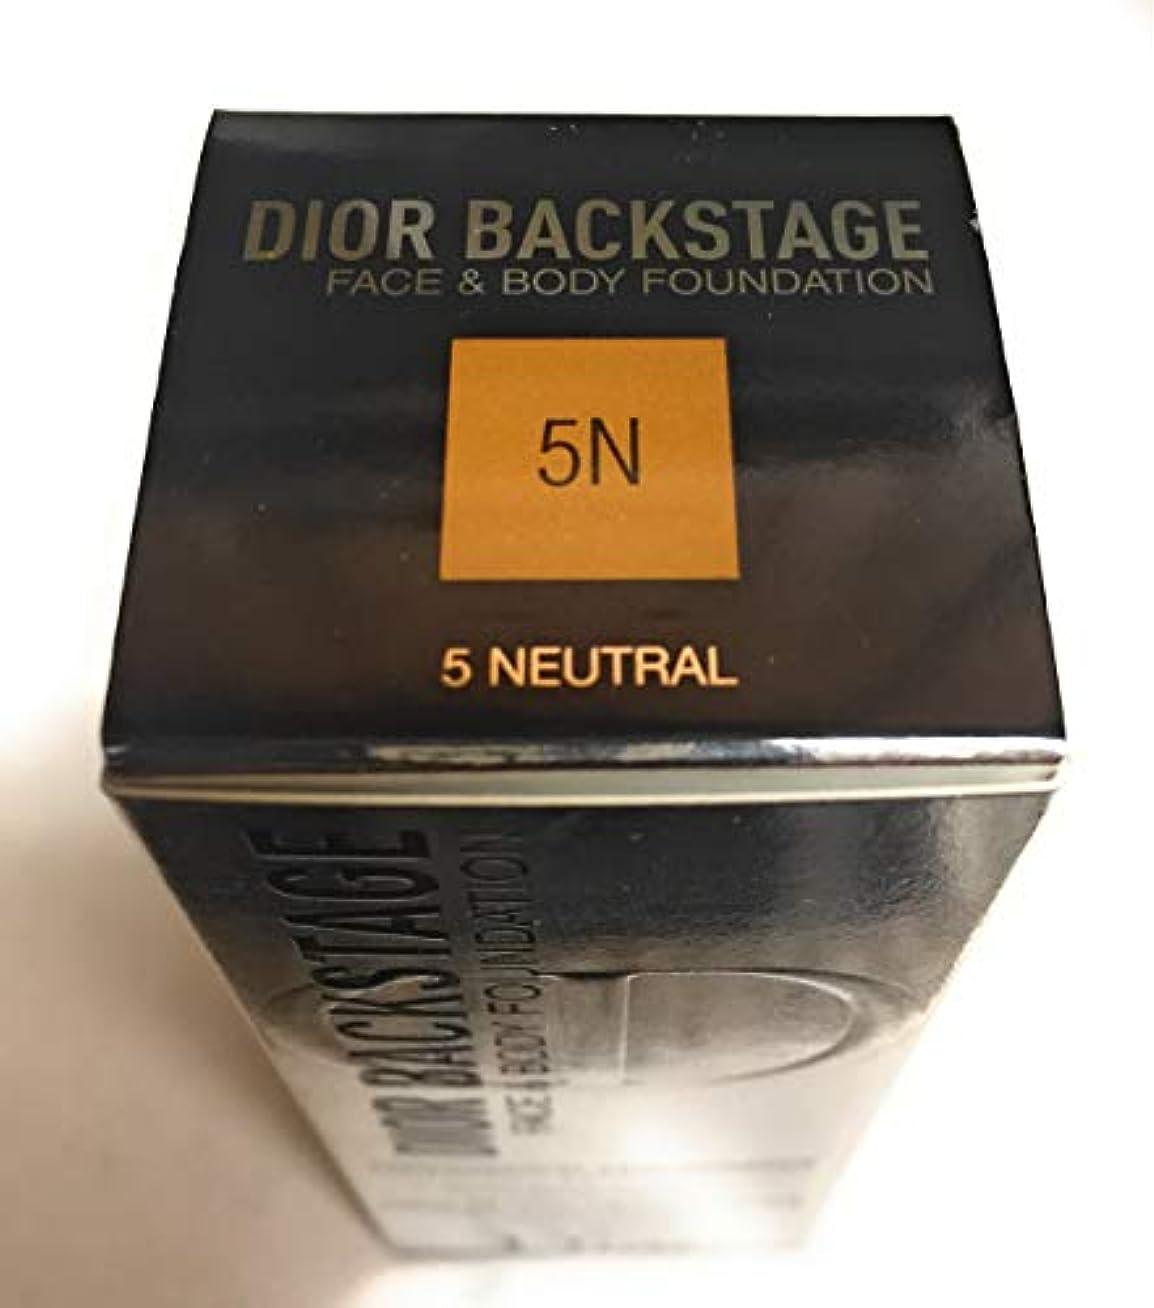 悲しい気晴らし一致するディオール ディオールバックステージフェイス&ボディファンデーション # 5N (5 Neutral)